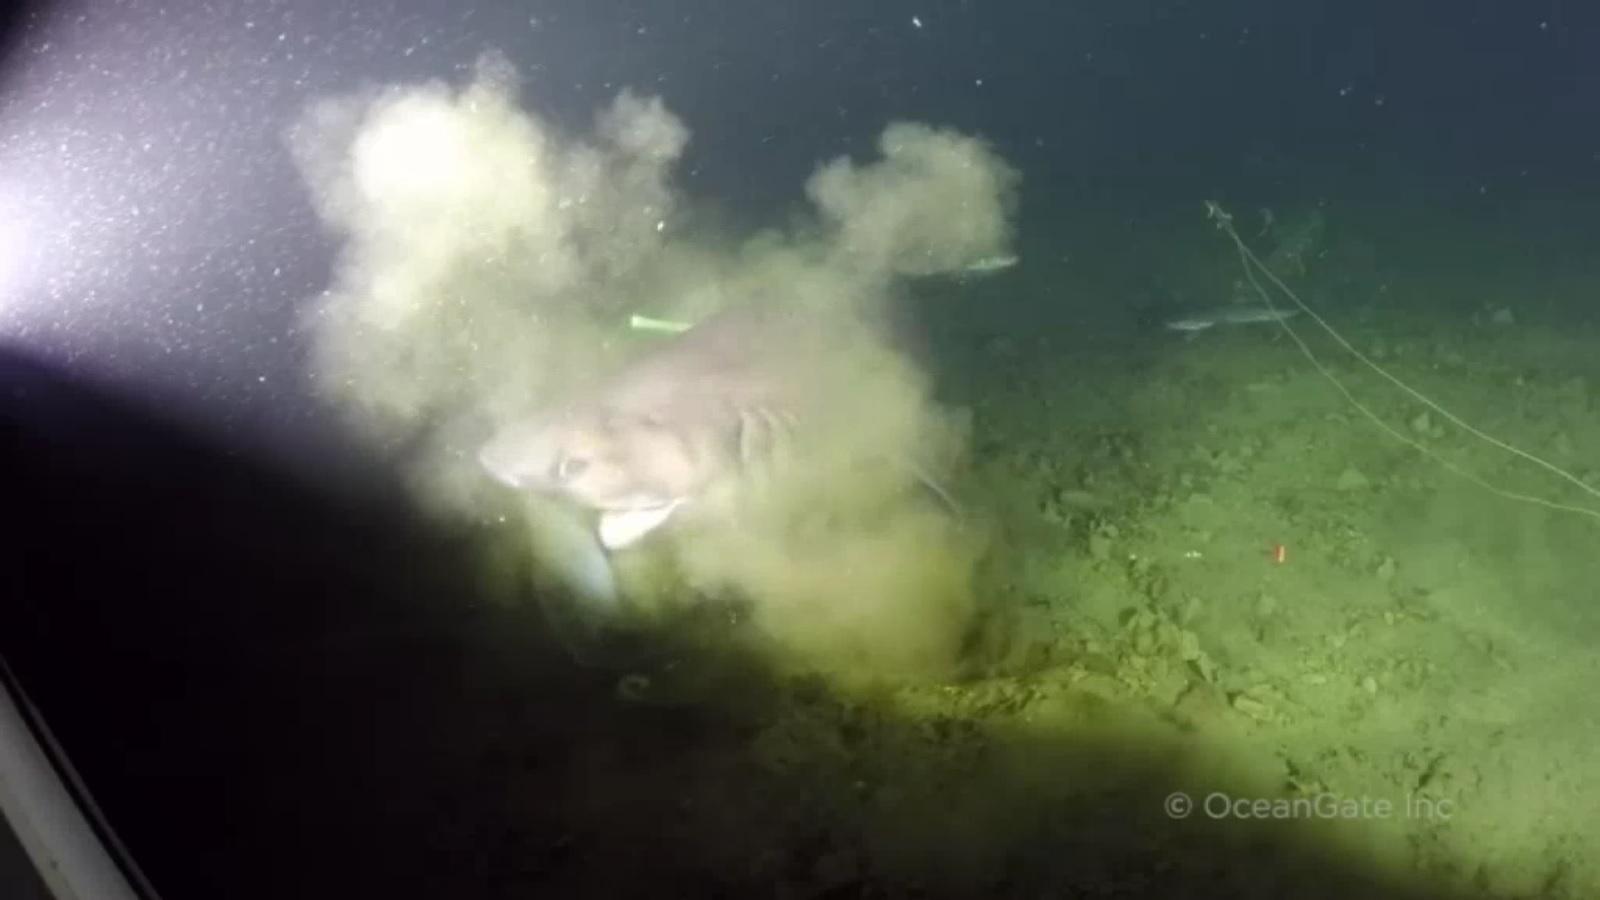 Bắt gặp cá mập 6 mang có nguồn gốc trước thời khủng long - 3